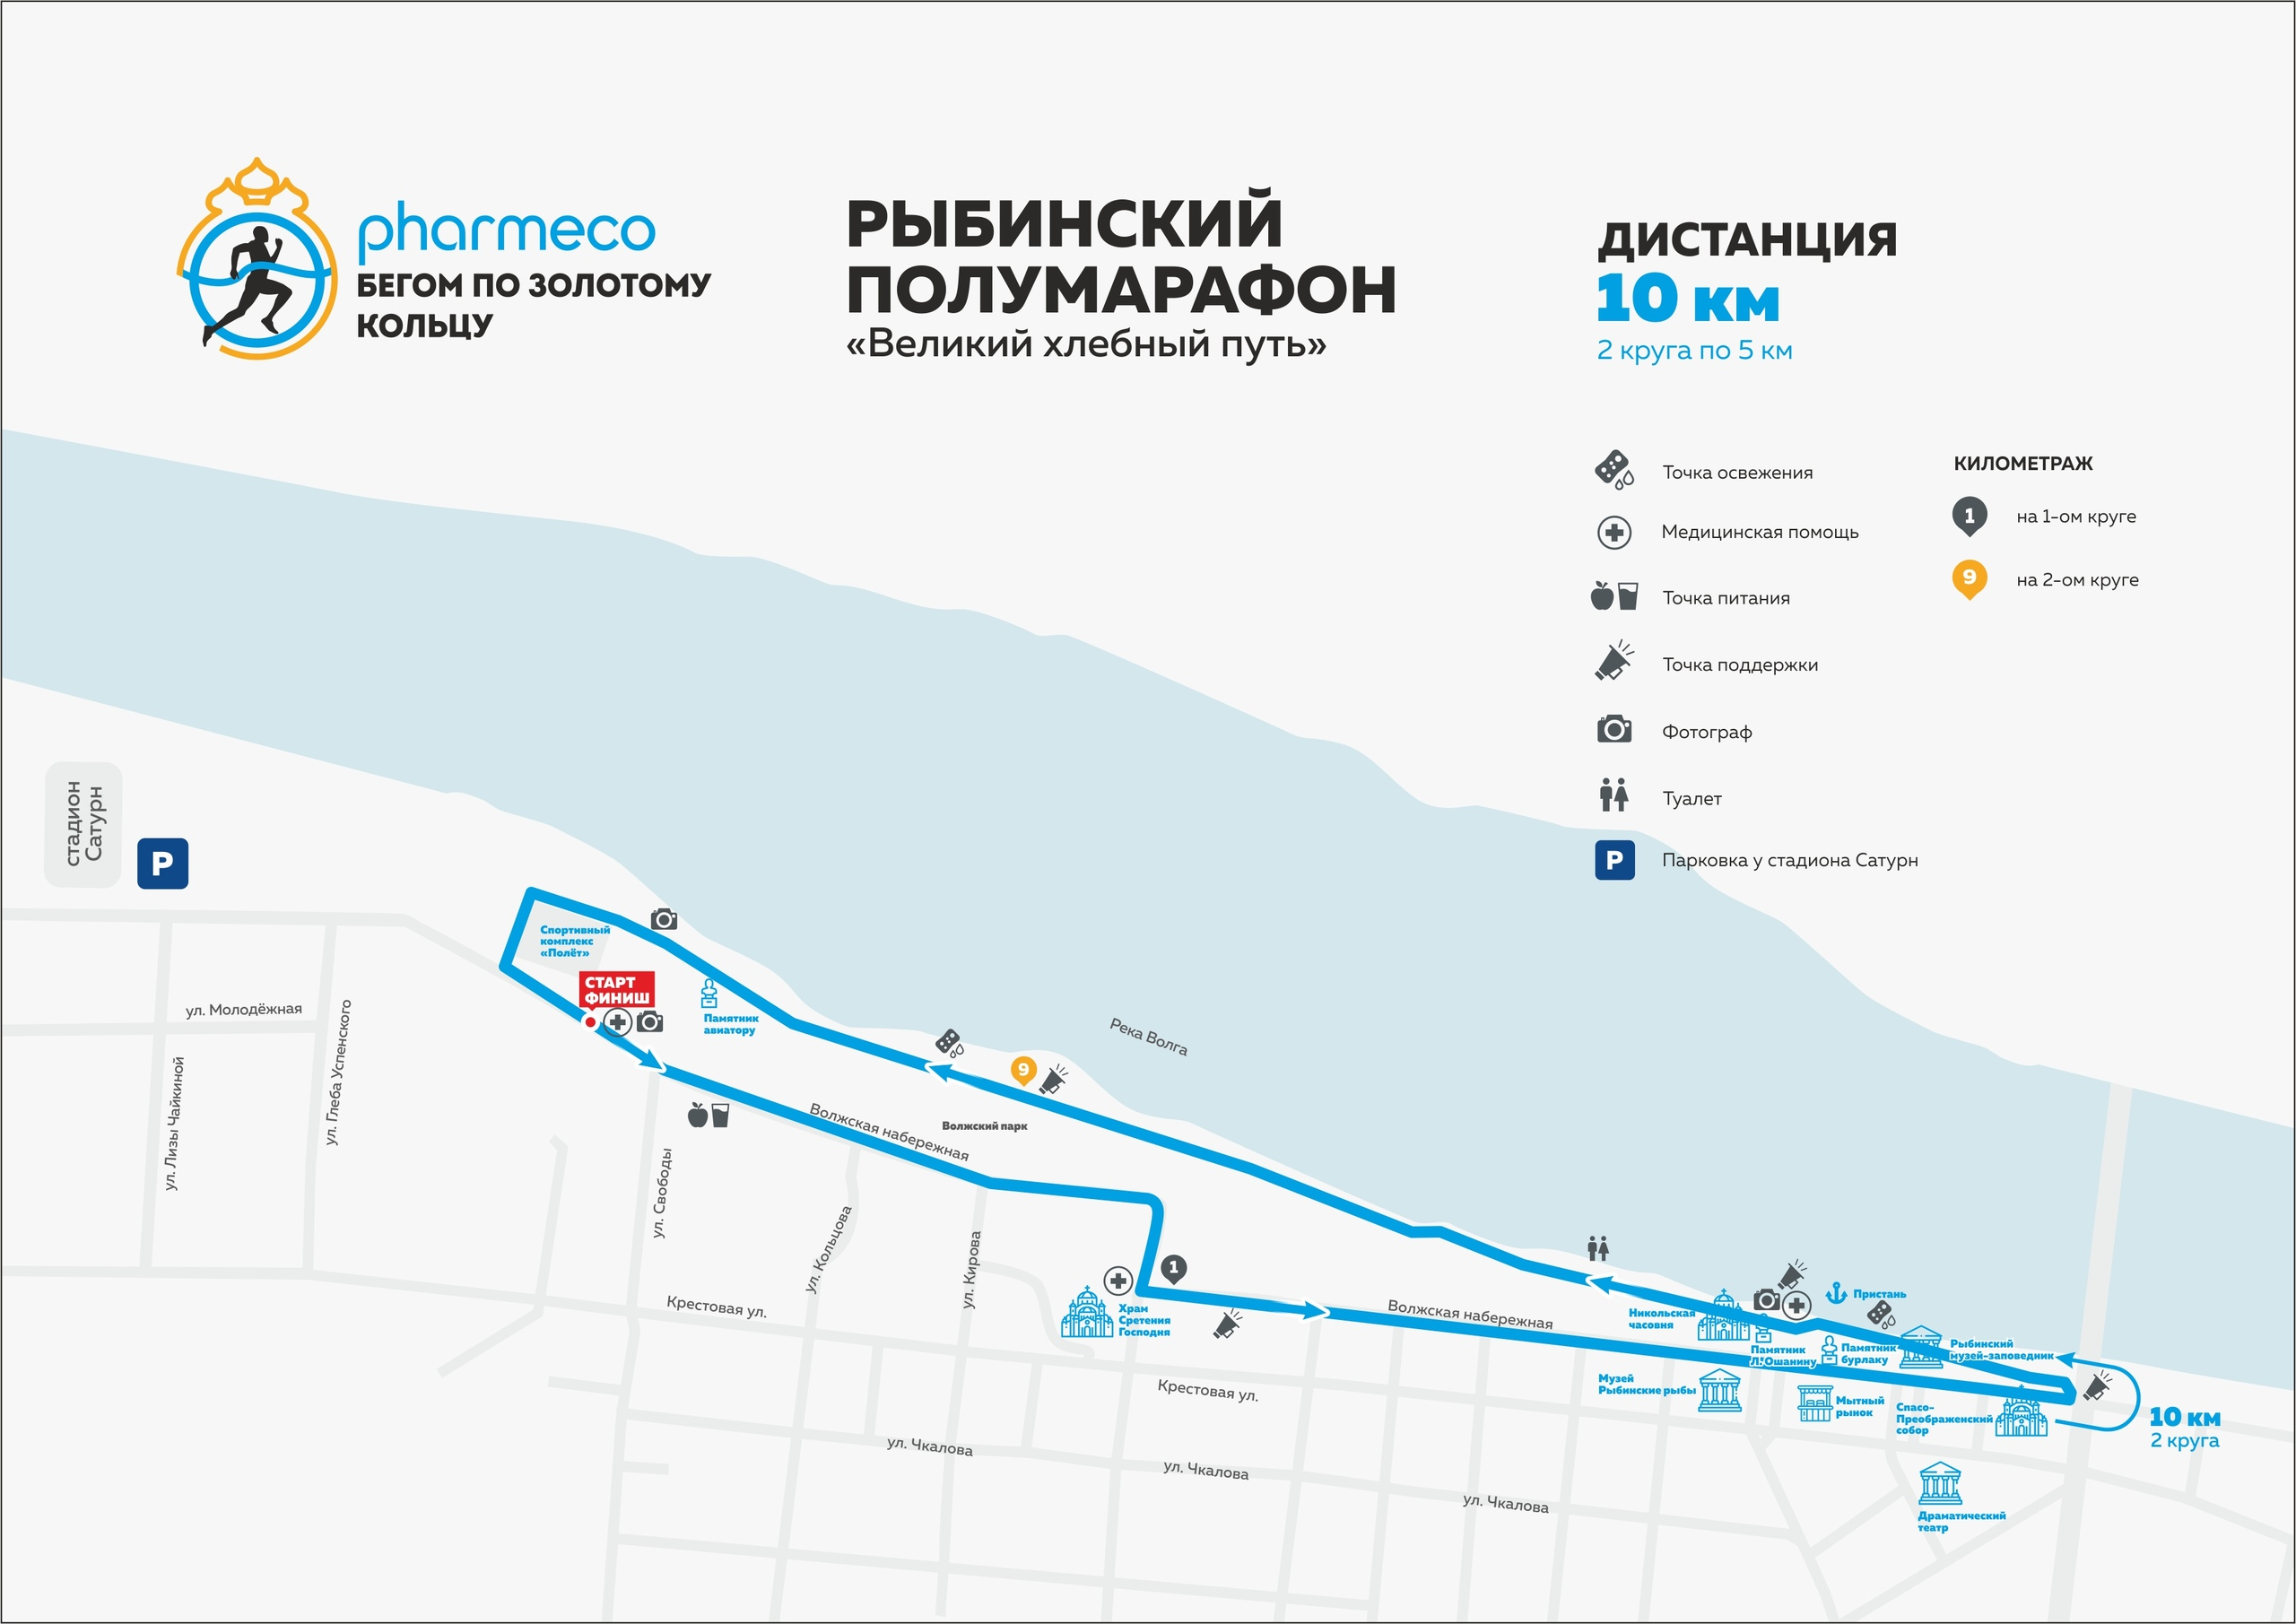 Дистанция 10 км - Рыбинский полумарафон 2020